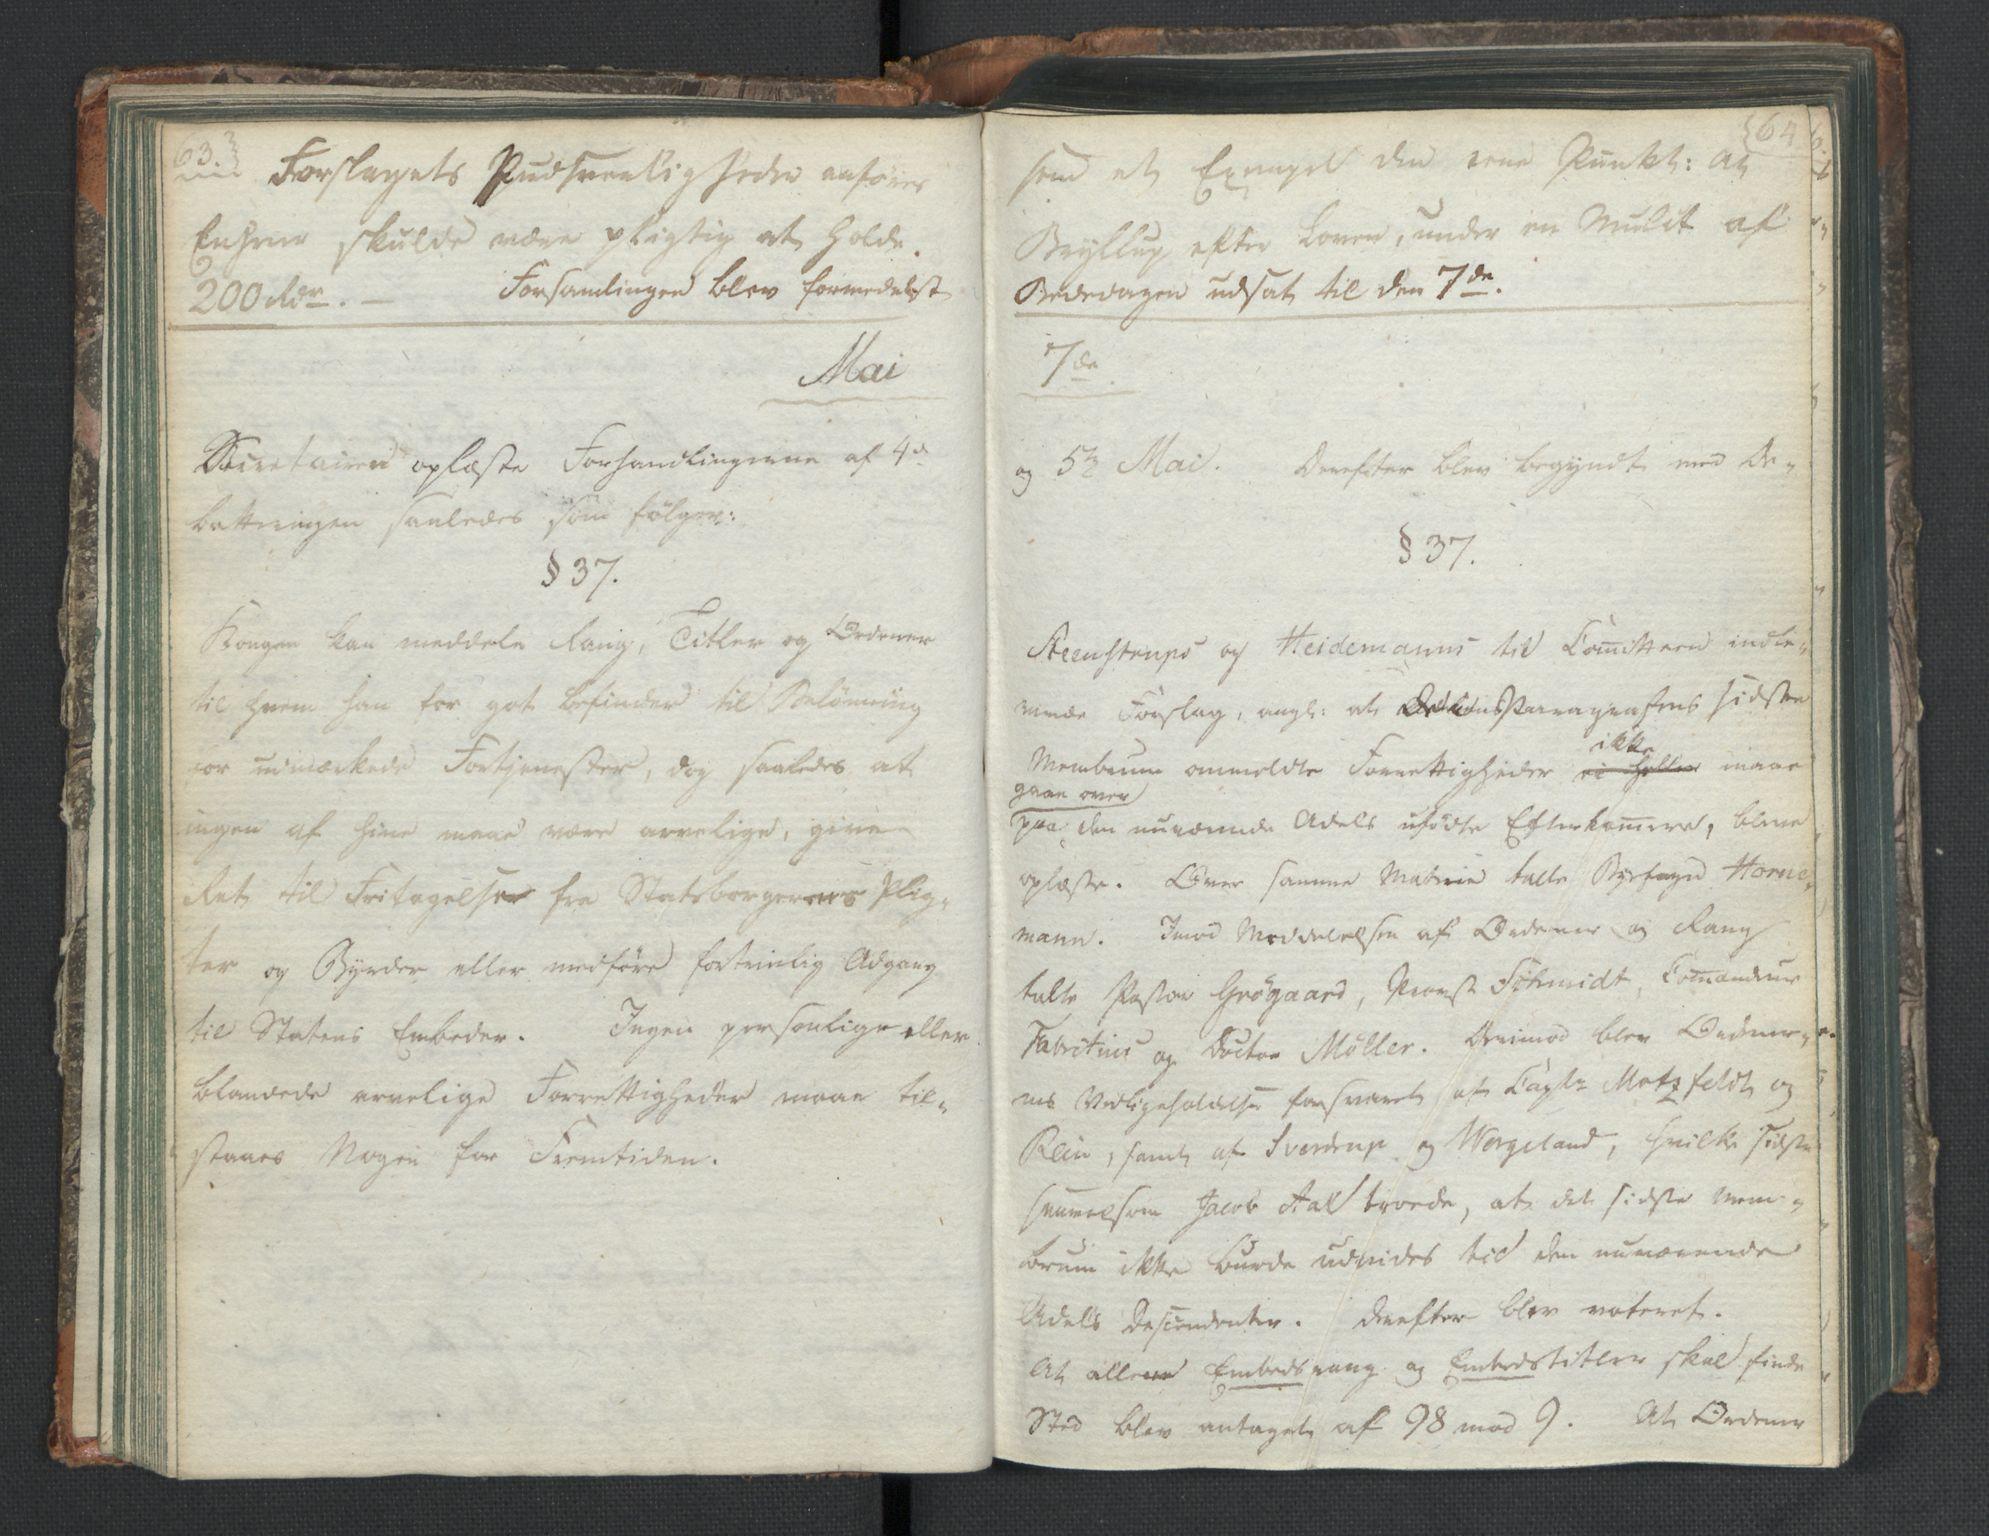 RA, Manuskriptsamlingen, H/L0021: Byfogd Gregers Winther Wulfbergs dagbok under Riksforsamlingen på Eidsvoll, 1814, s. 63-64